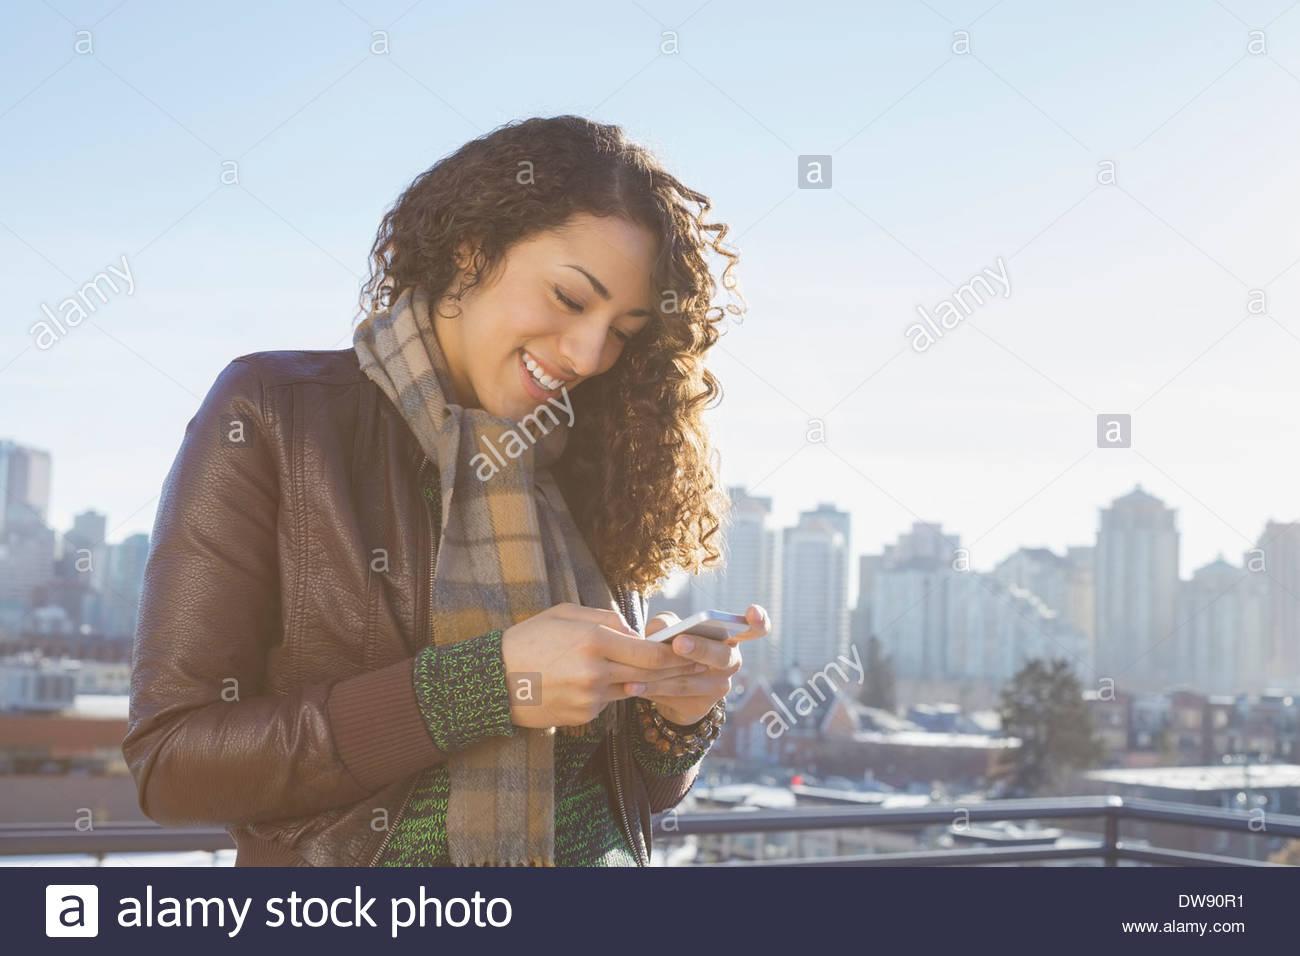 Mujer sonriente con smart phone en el patio contra el paisaje urbano Imagen De Stock